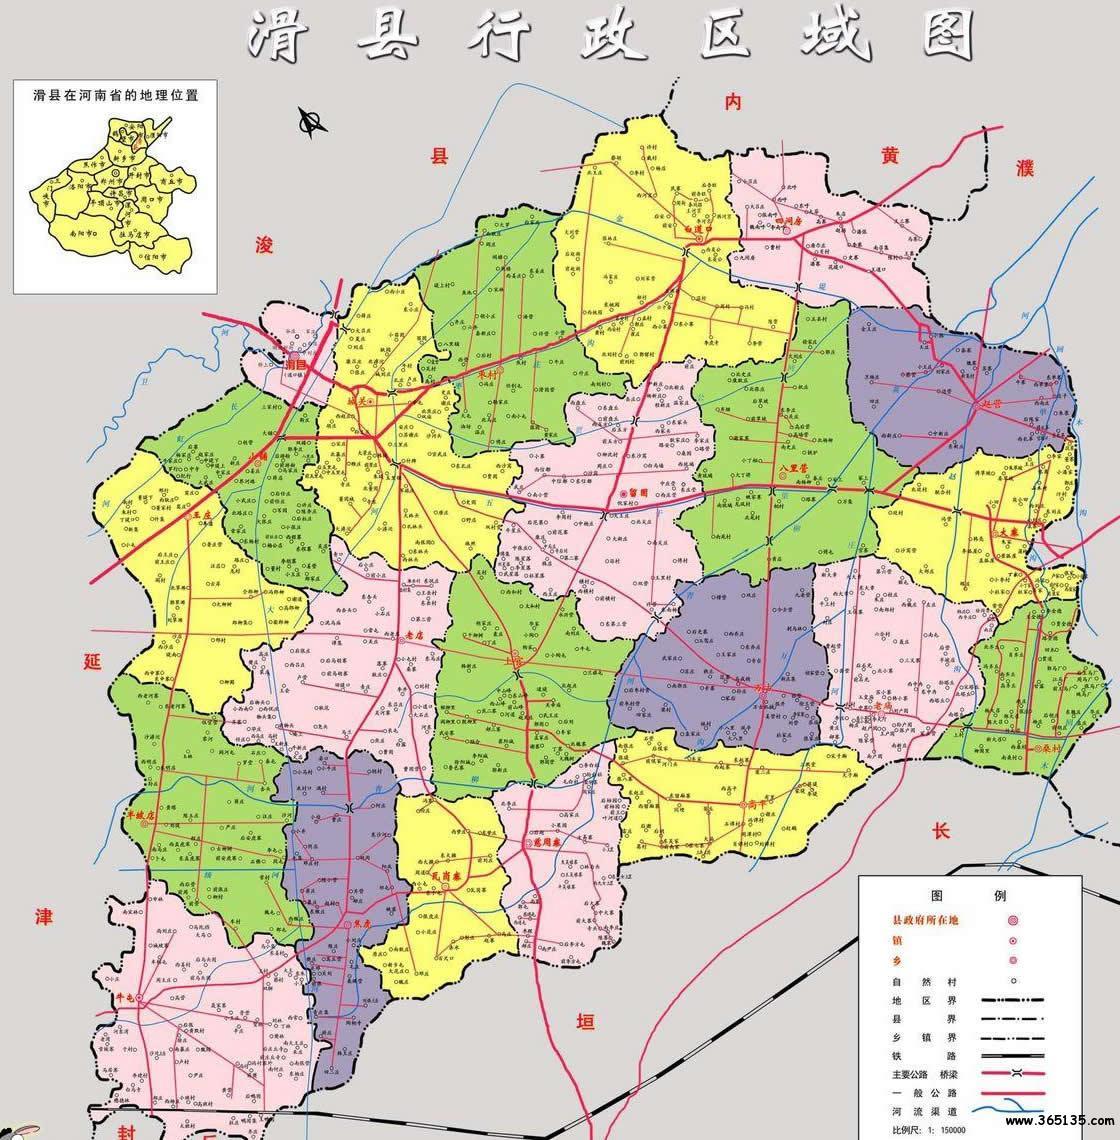 广州市行政区划地图内容|广州市行政区划地图版面设计